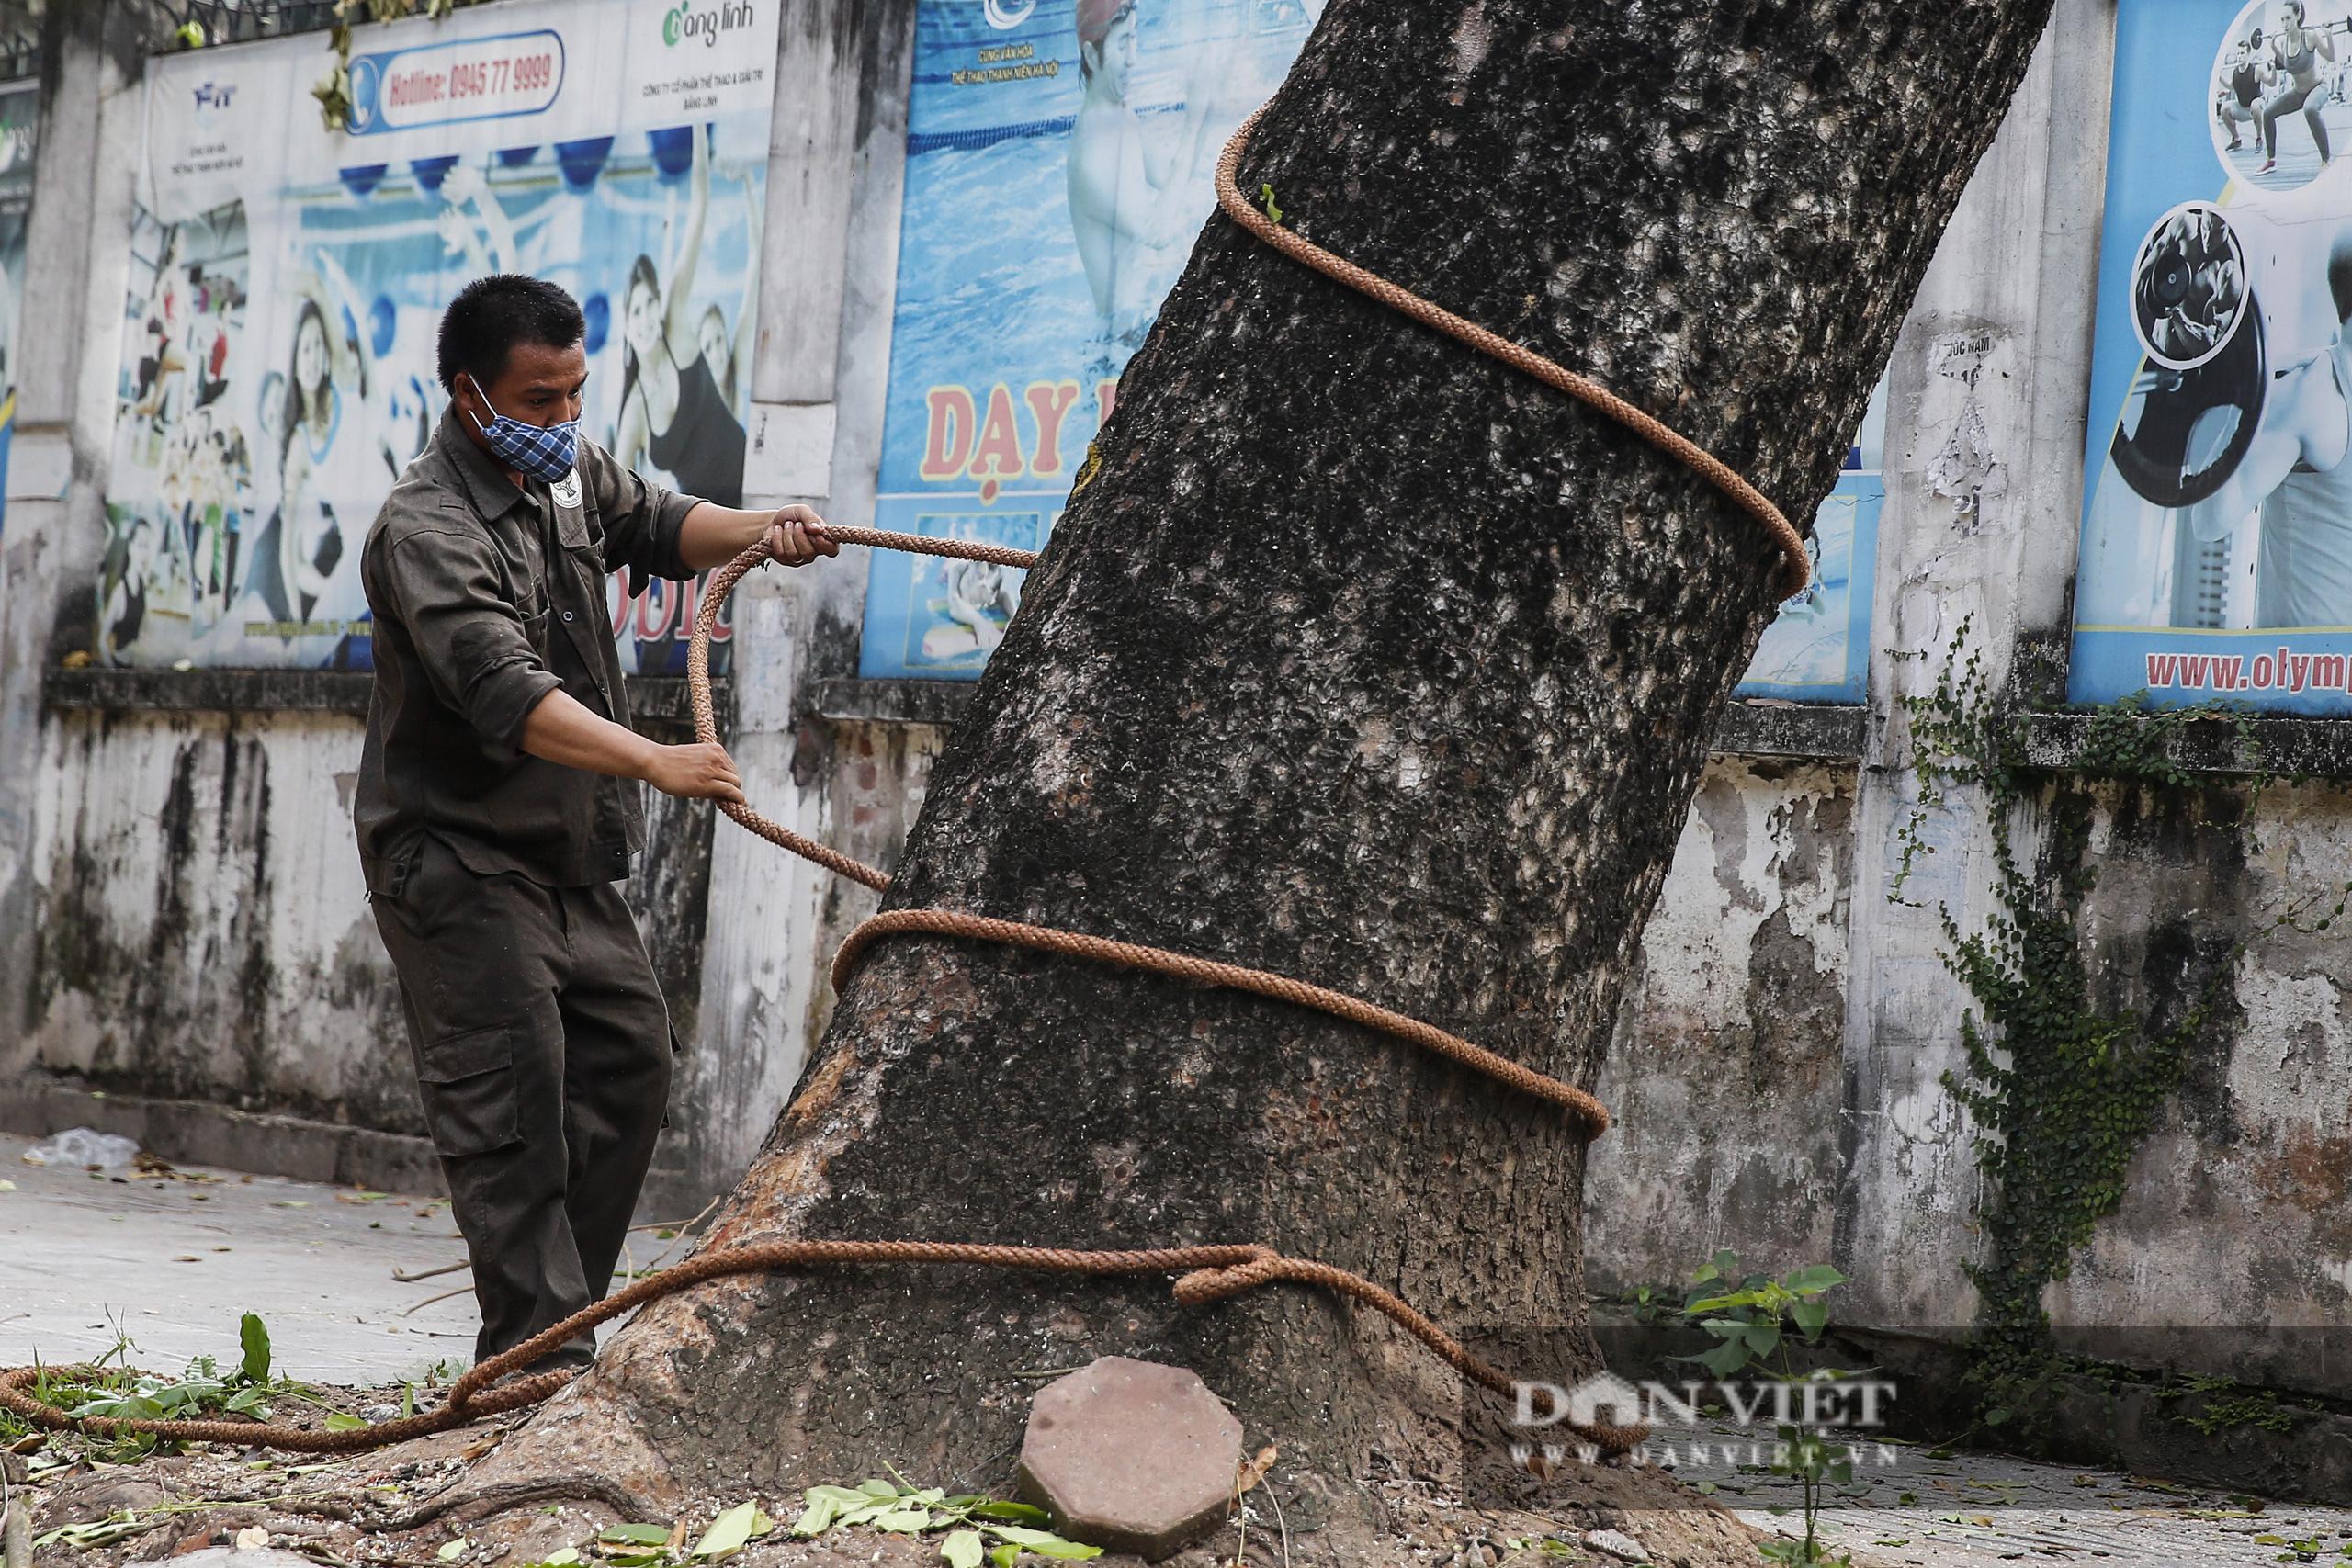 Hà Nội: Dùng xe nâng người dài 26 mét cắt tỉa hơn 20.000 cây nguy hiểm - Ảnh 3.